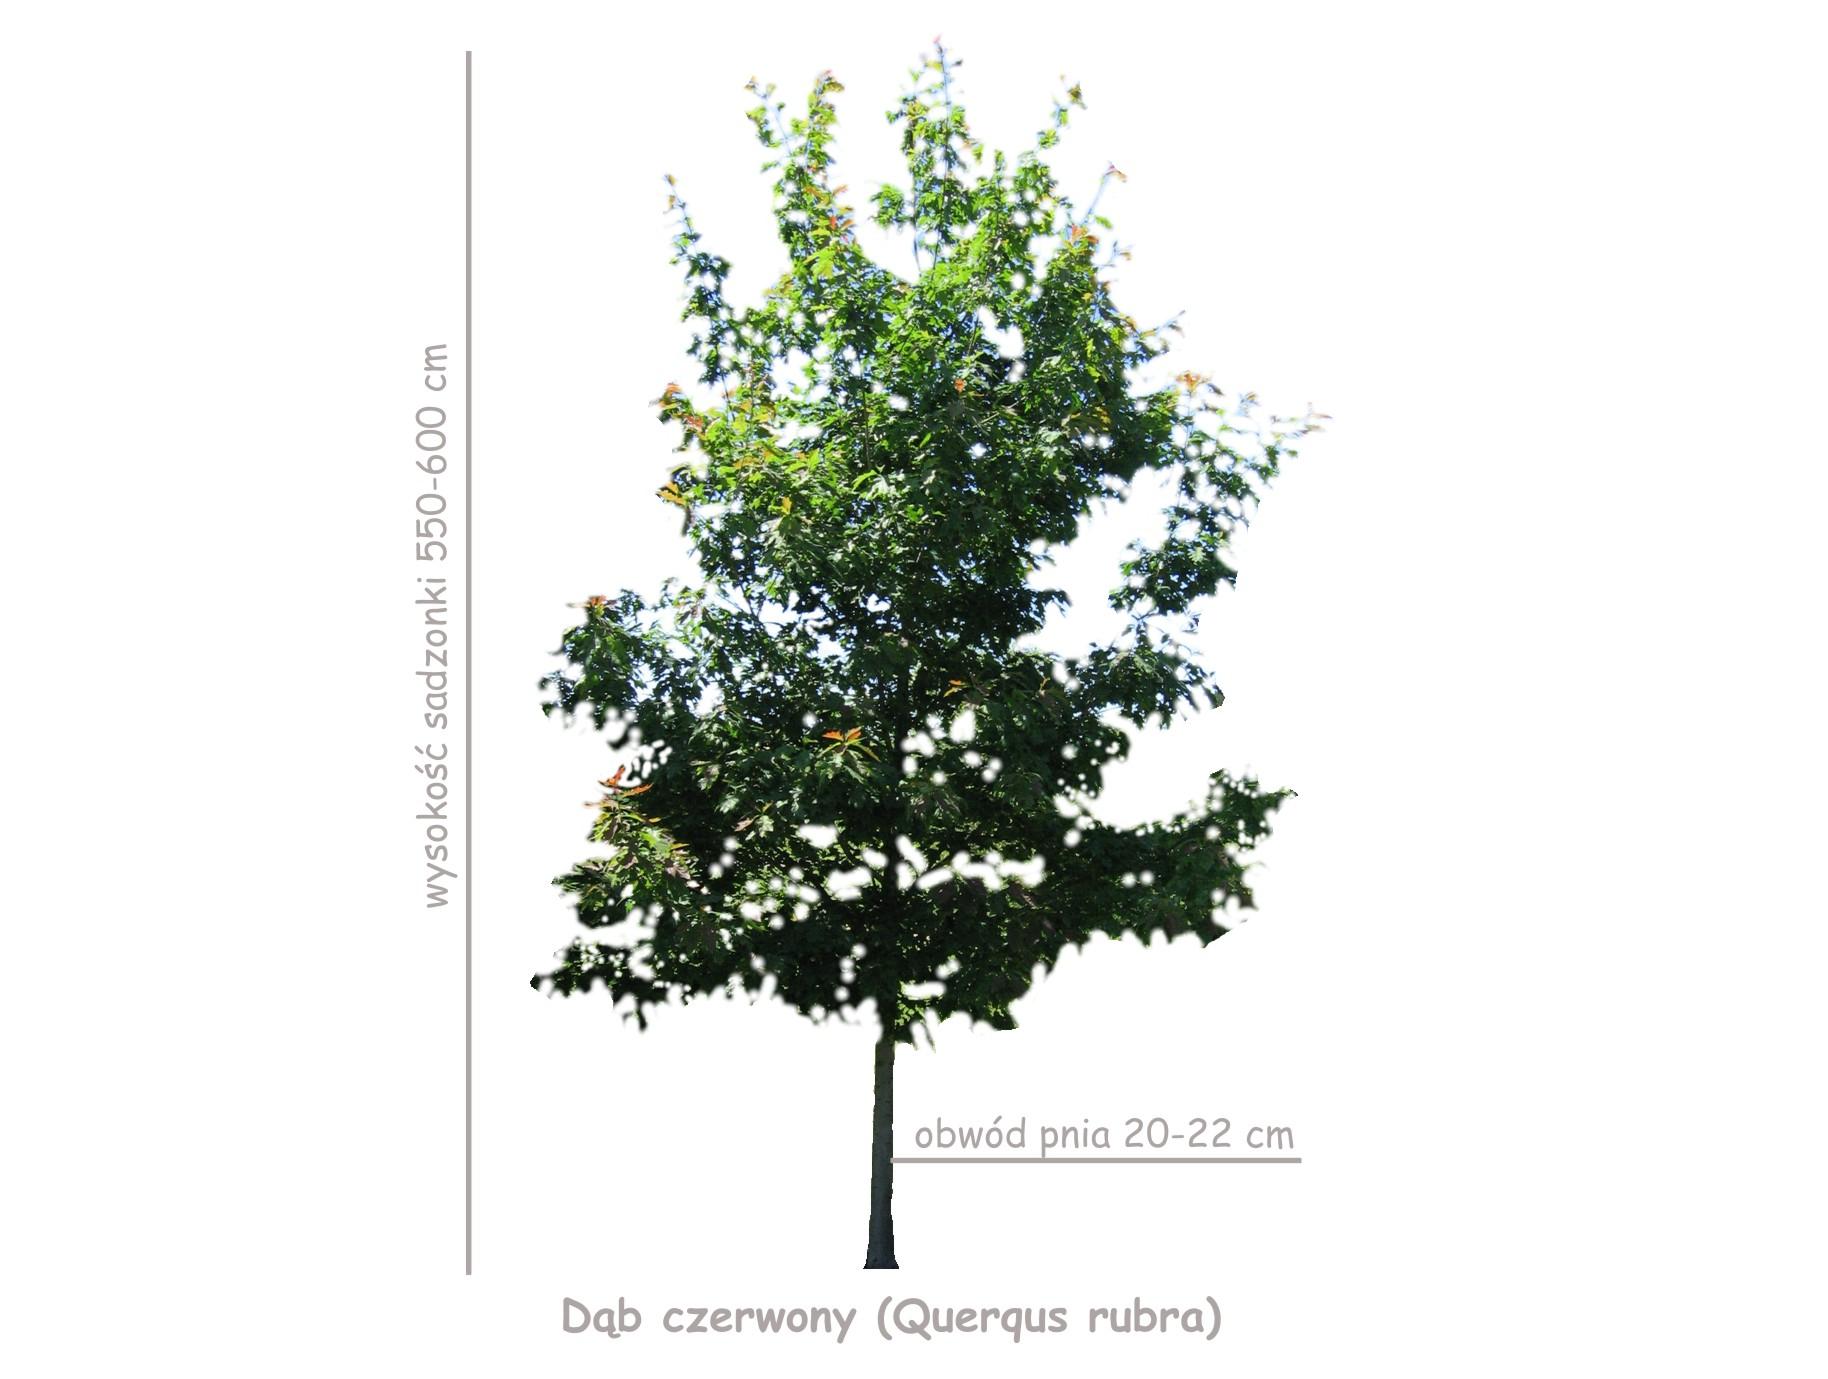 Dąb czerwony (Querqus rubra) sadzonka o obwodzie pnia 20-22 cm, wysokość 550-600 cm.